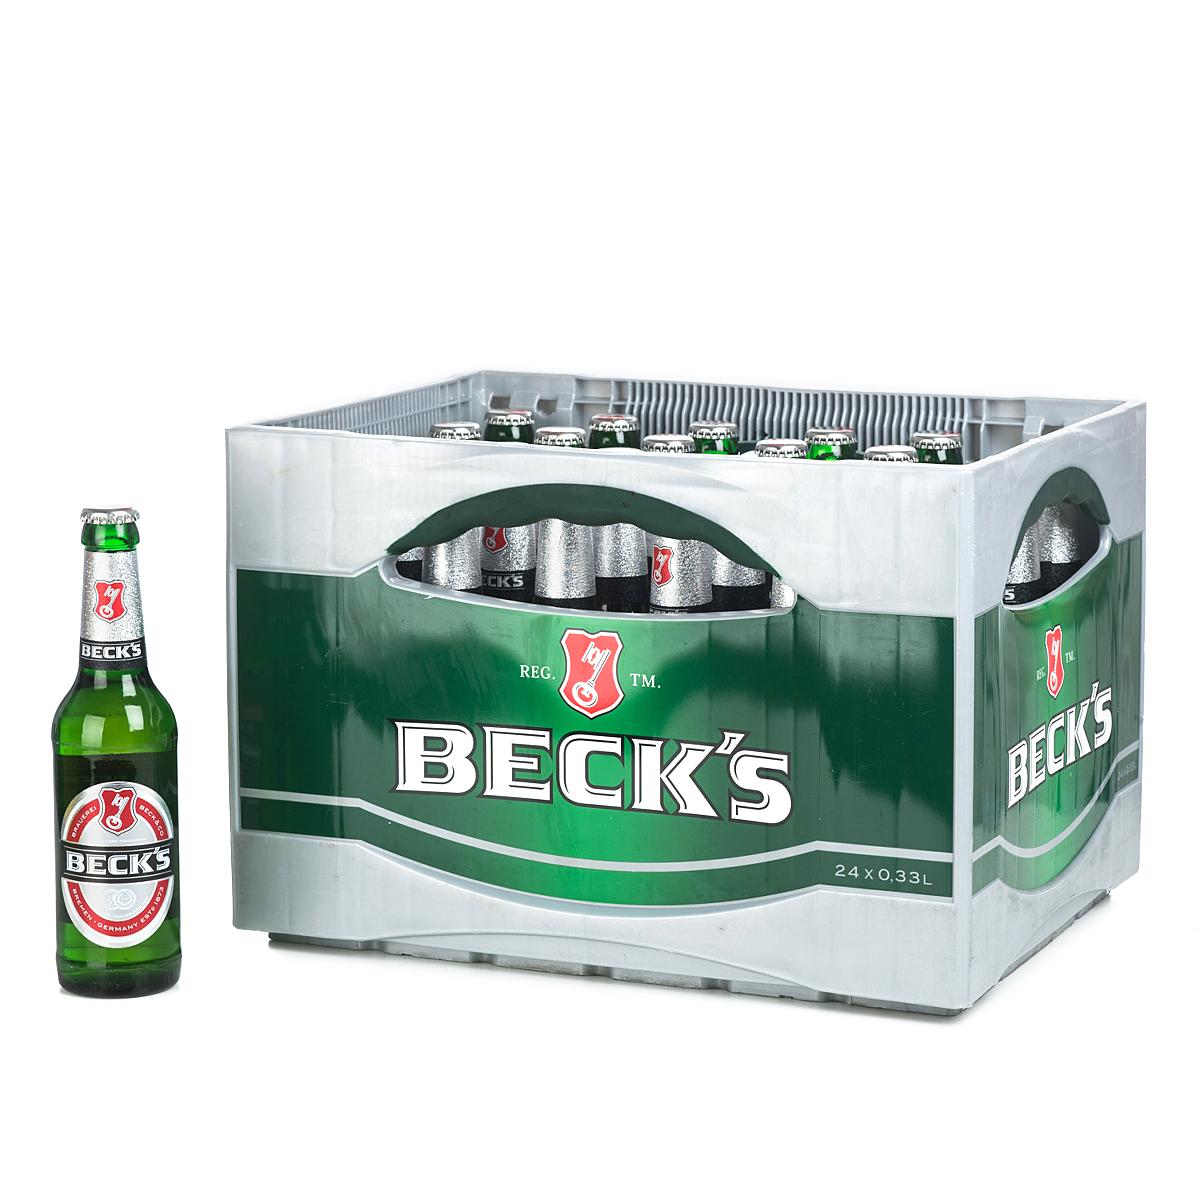 Becks Bier online bestellen | drink-now.com